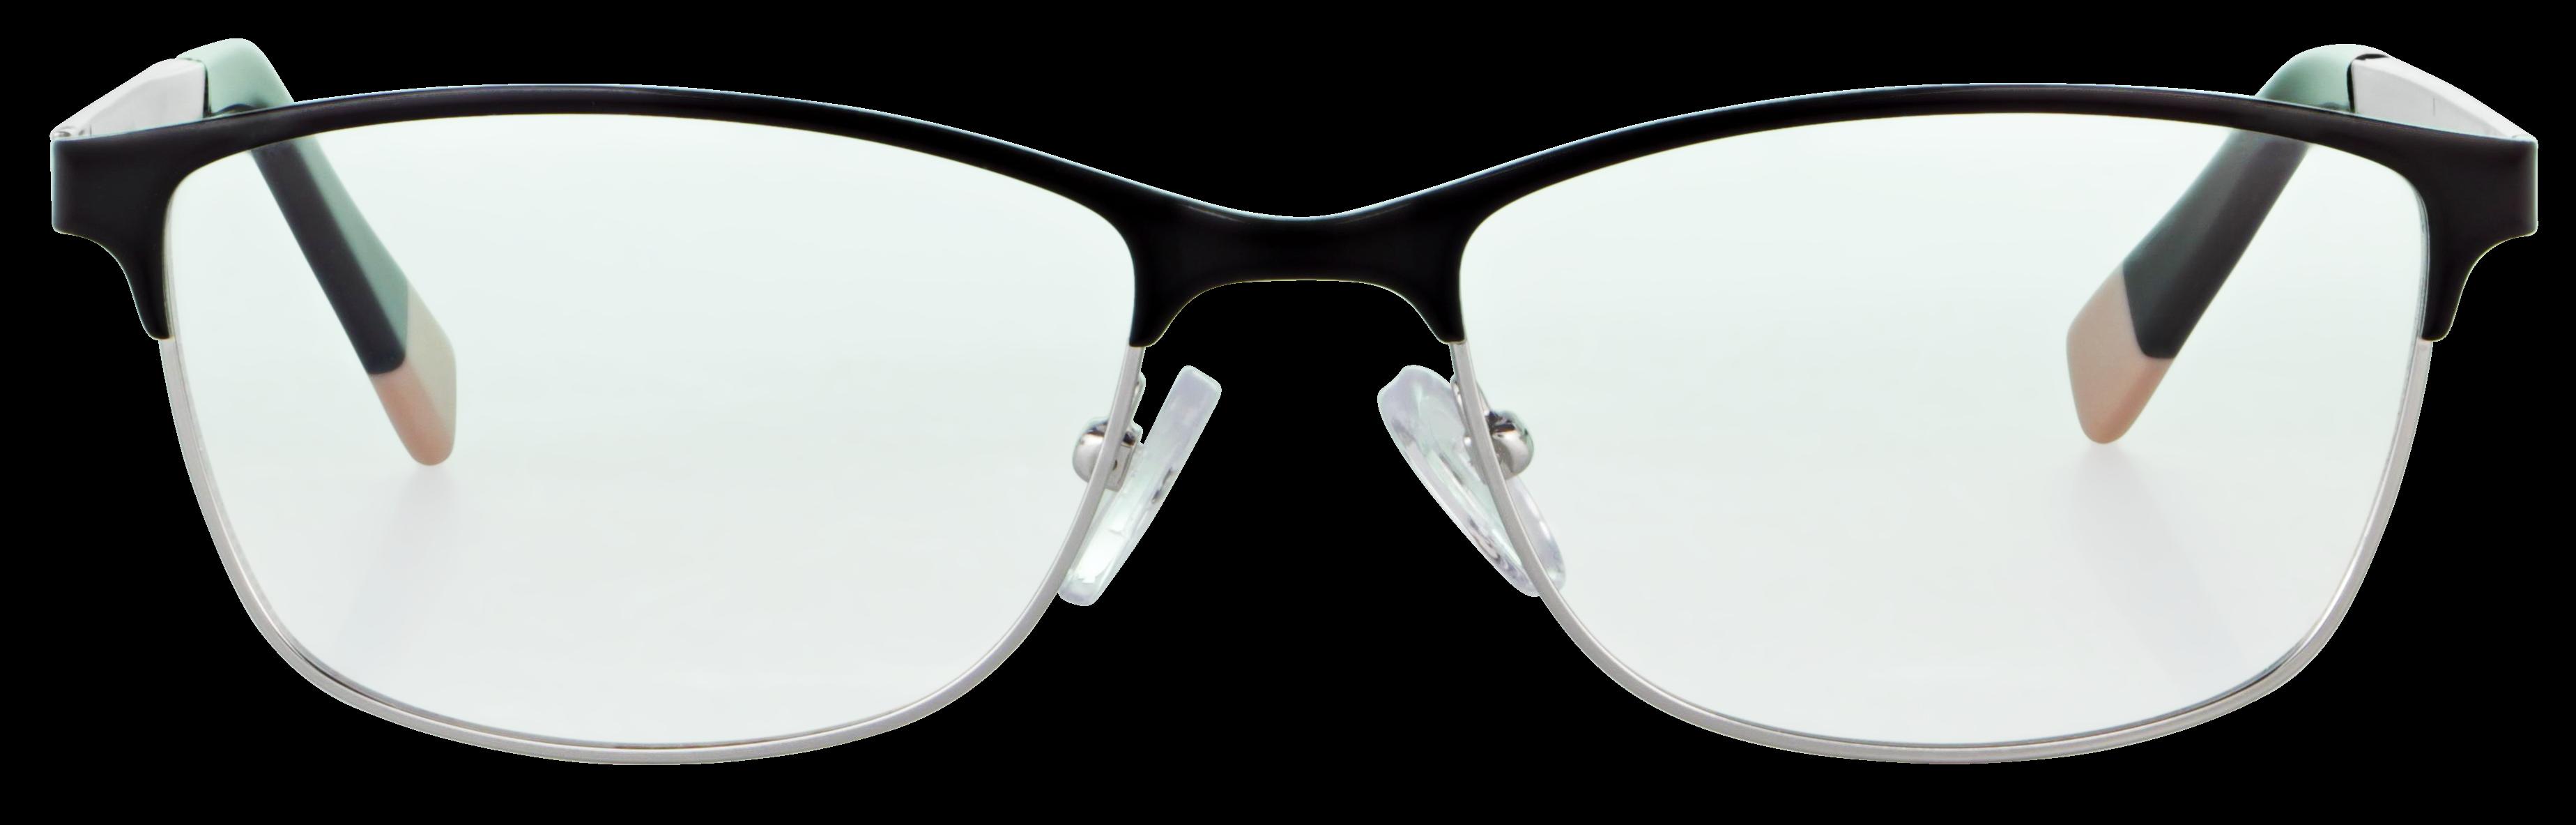 Eyebar Brille Wien